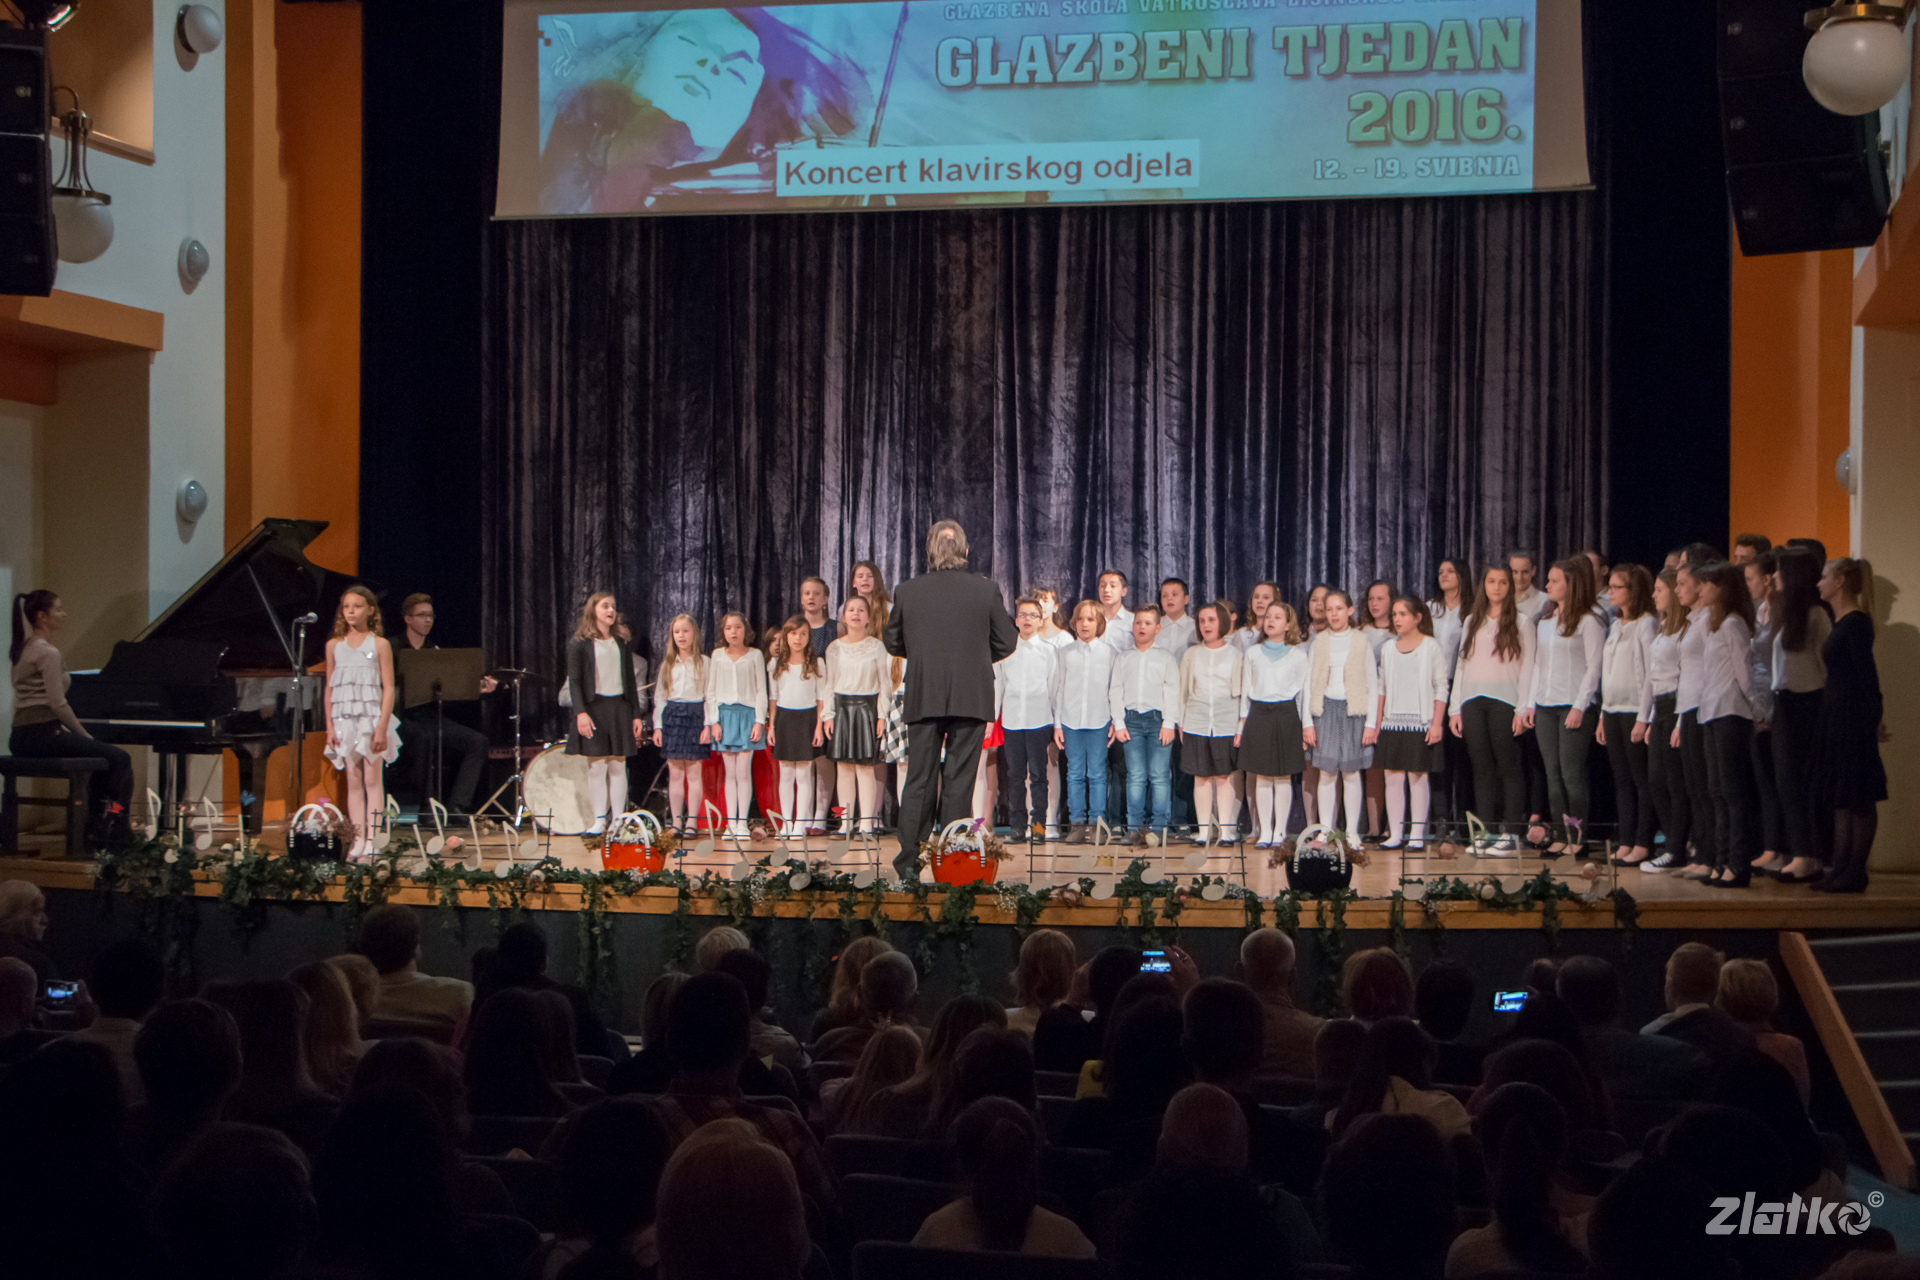 Koncert klavirskog odjela – 16.05.2016.